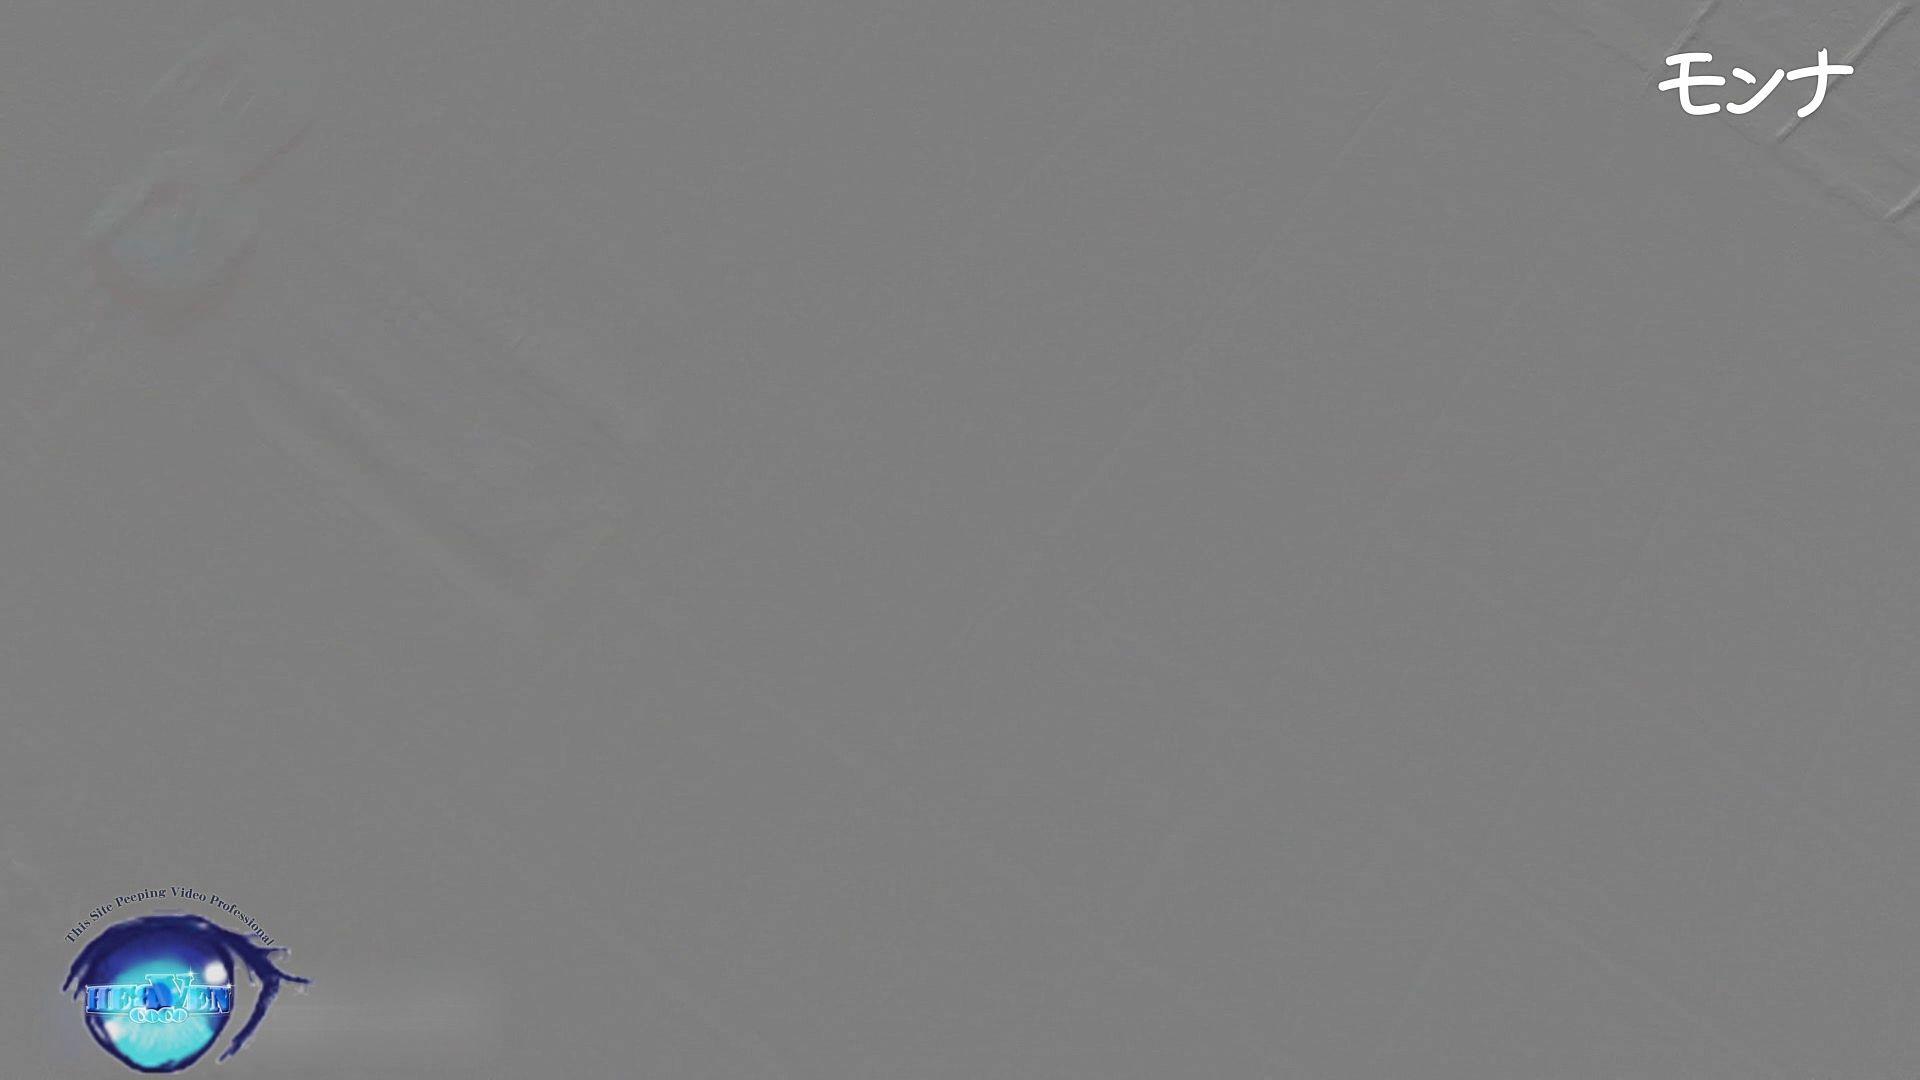 【美しい日本の未来】美しい日本の未来 No.79ロケ地変更、新アングル 盗撮シリーズ   おまんこ見放題  106PIX 51